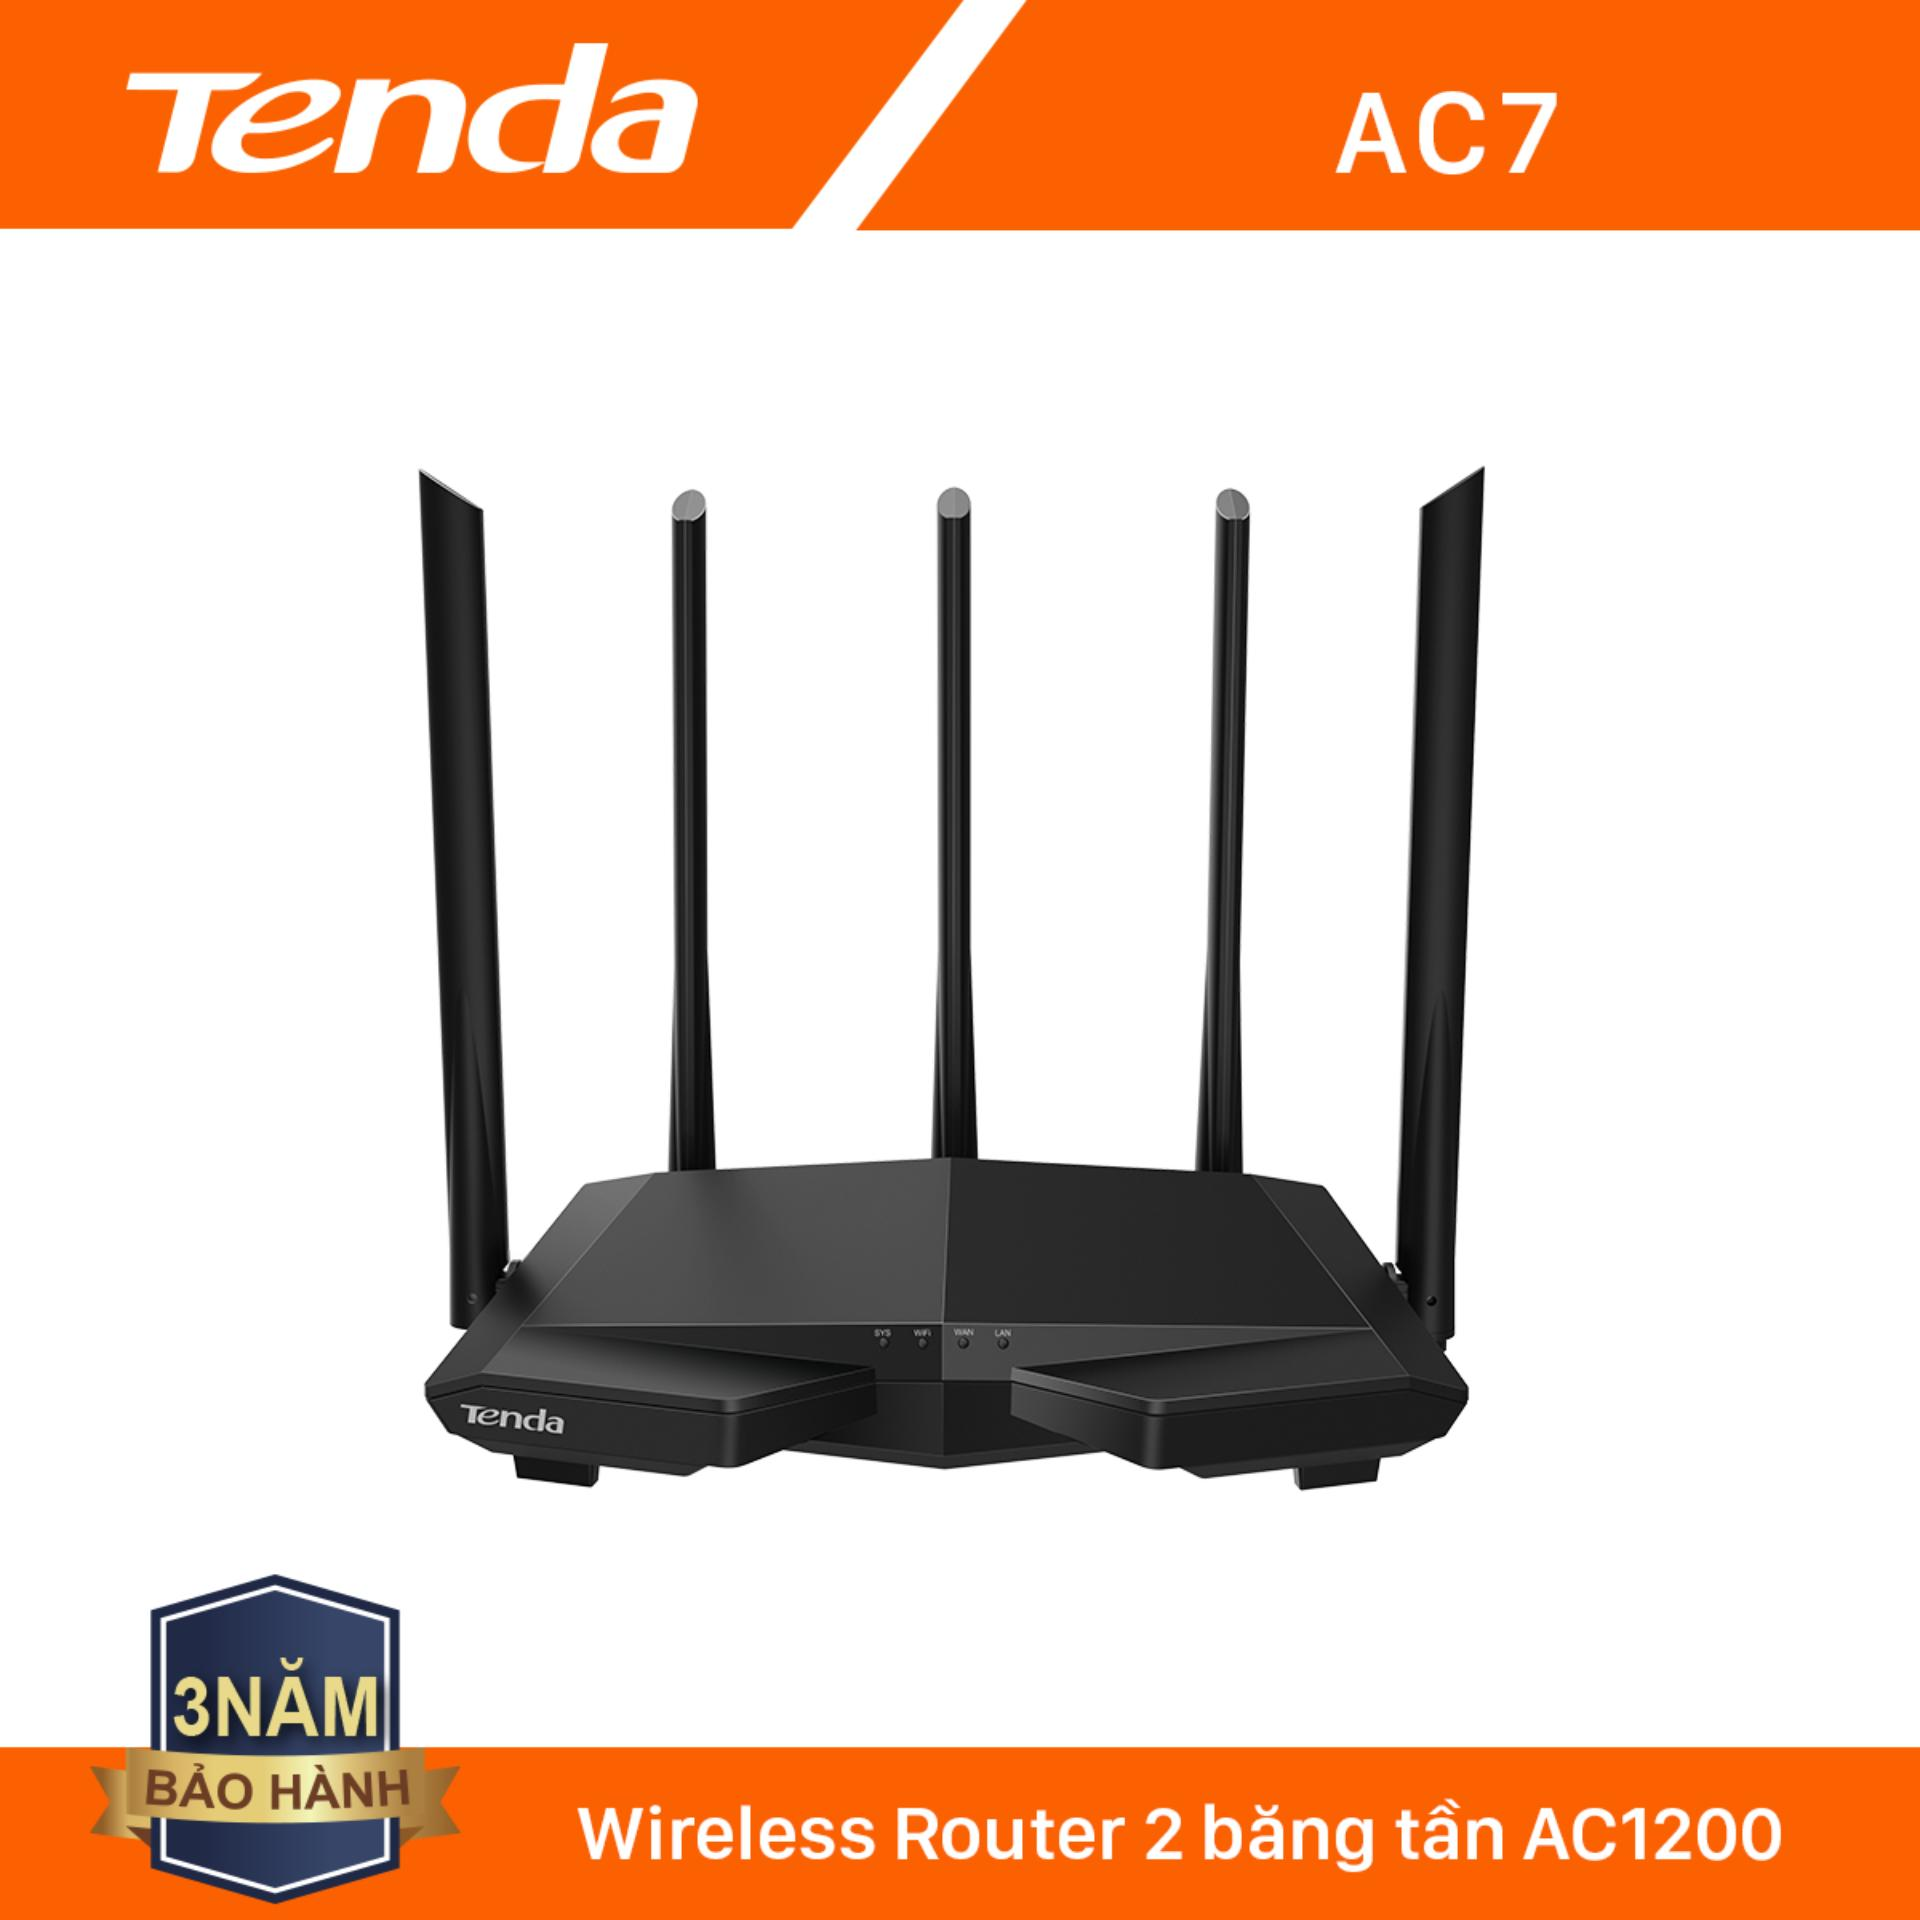 Giá Tenda Thiết bị phát Wifi AC7 Chuẩn AC 1200Mbps - Hãng phân phối chính thức